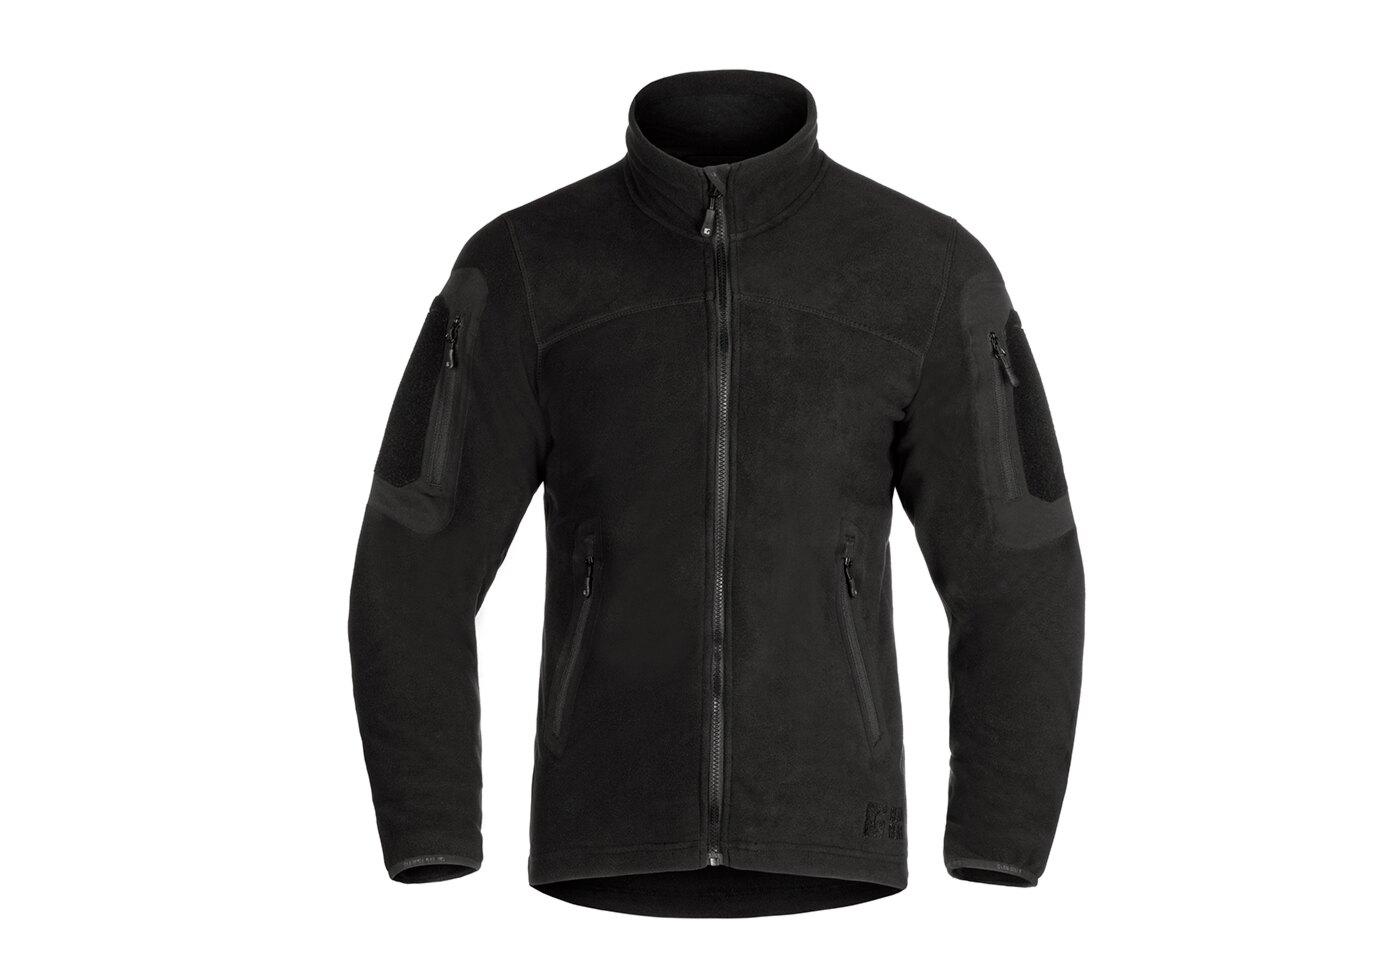 Fleecová mikina CLAWGEAR® Aviceda MK II - čierna (Farba: Čierna, Veľkosť: XXL)